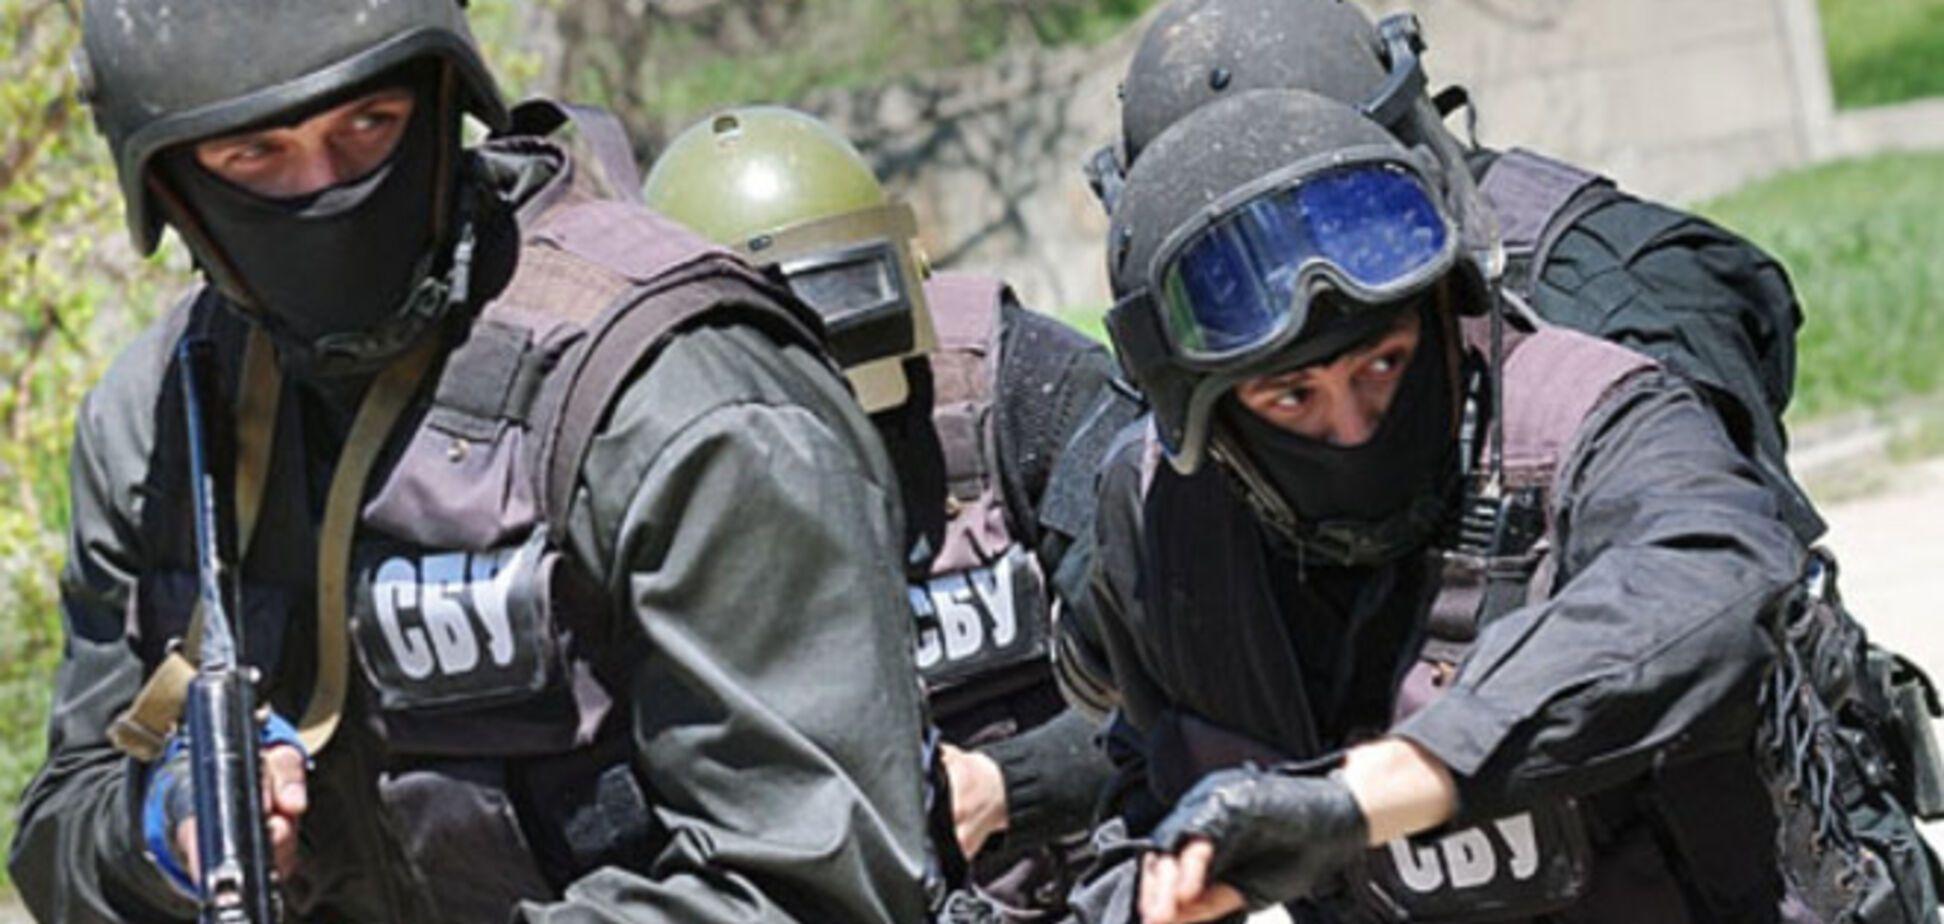 СБУ выявила среди волонтеров шпионку террористов, которая 'вела двойную жизнь'